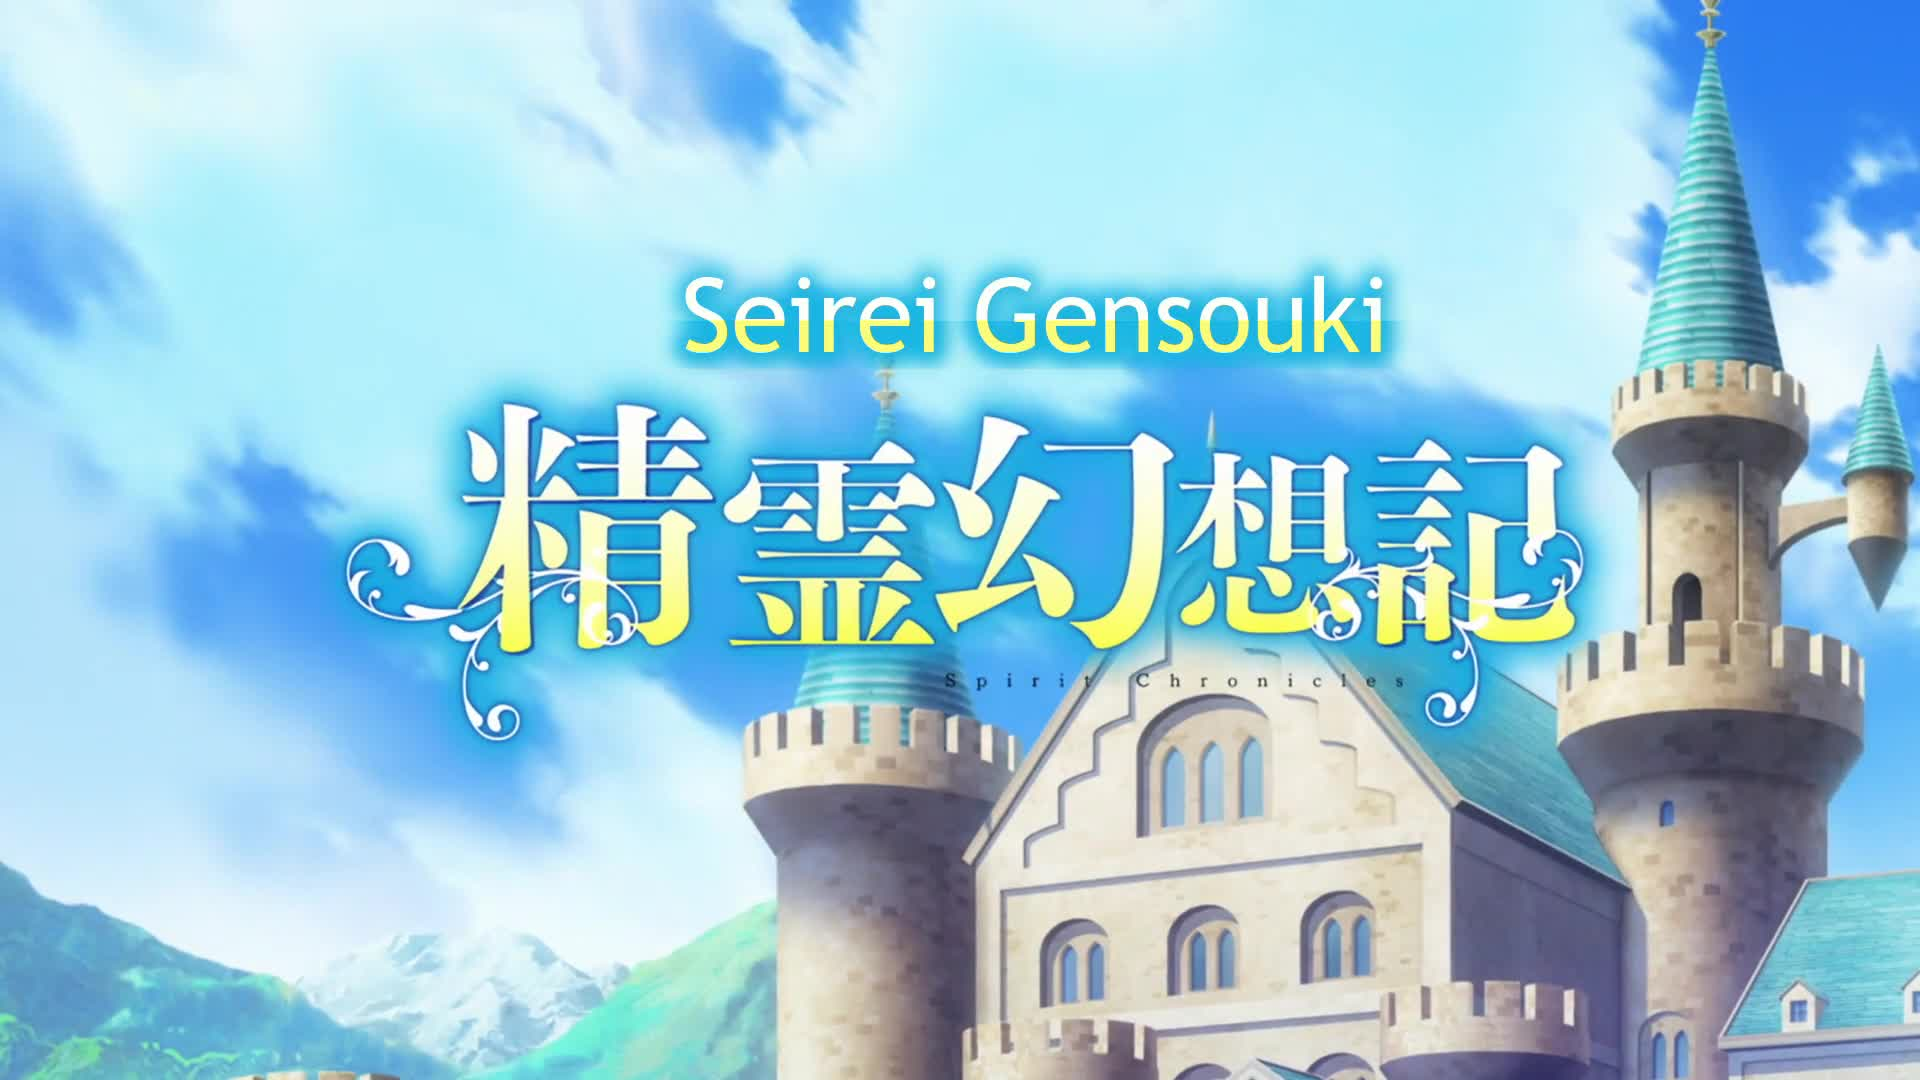 Seirei Gensouki